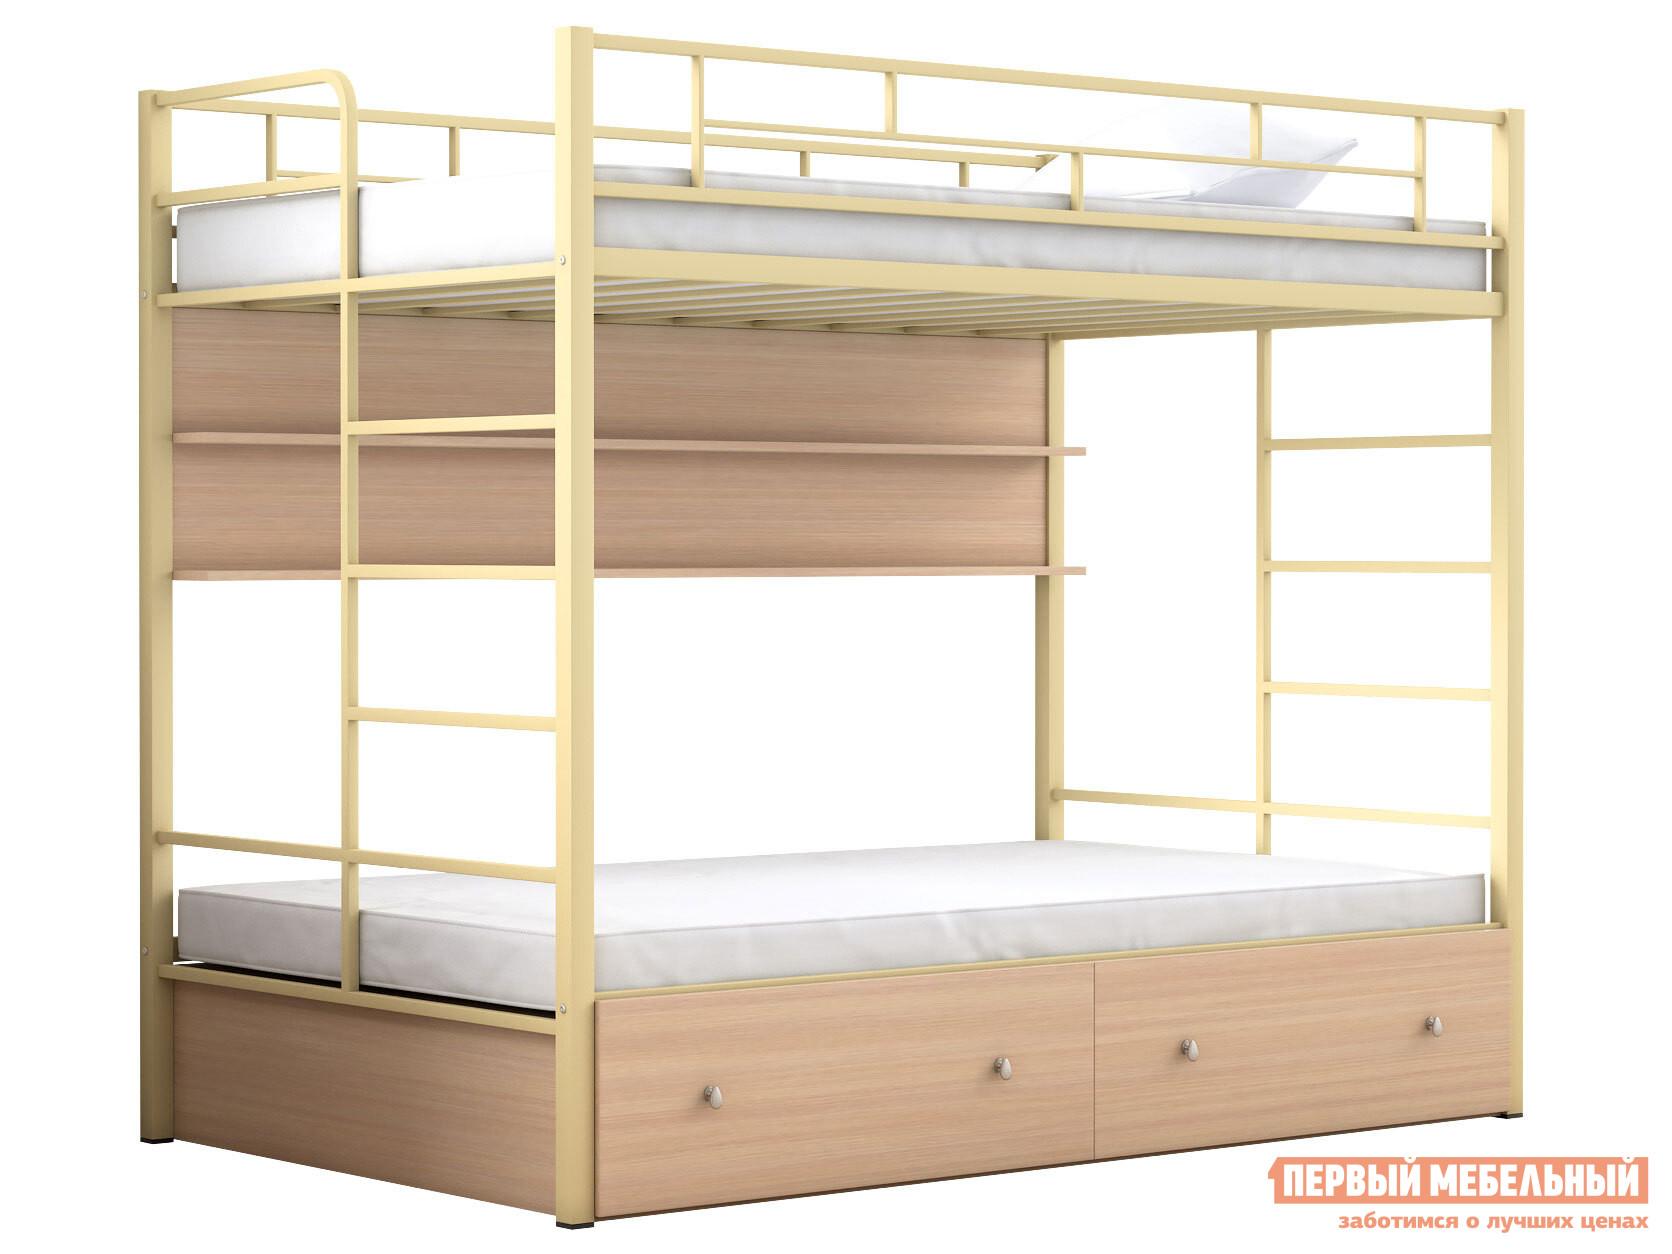 Двухъярусная кровать МФ 4 Сезона Двухъярусная детская кровать Валенсия 120 Твист с полкой и ящиками